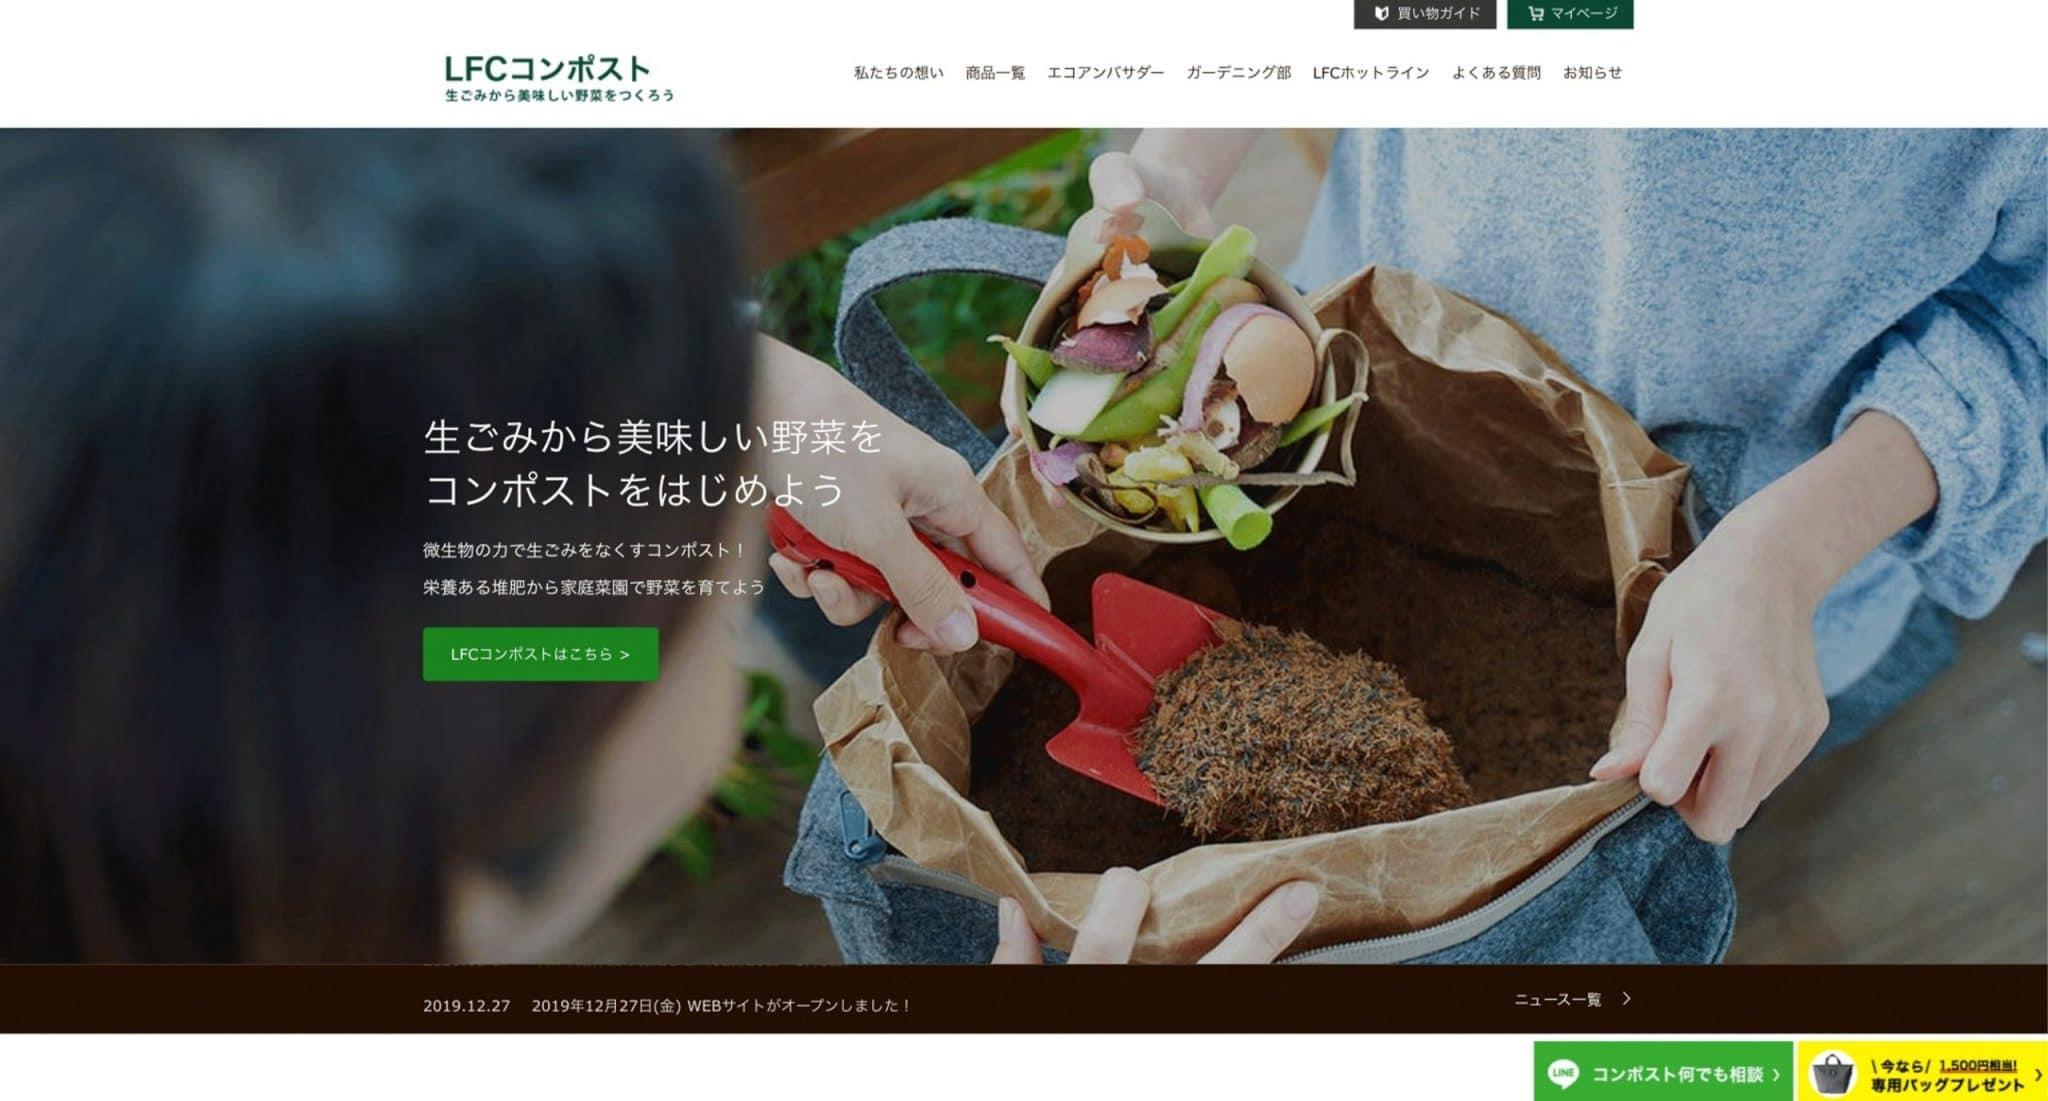 生ゴミから美味しい野菜をつくろう「LFCコンポスト」